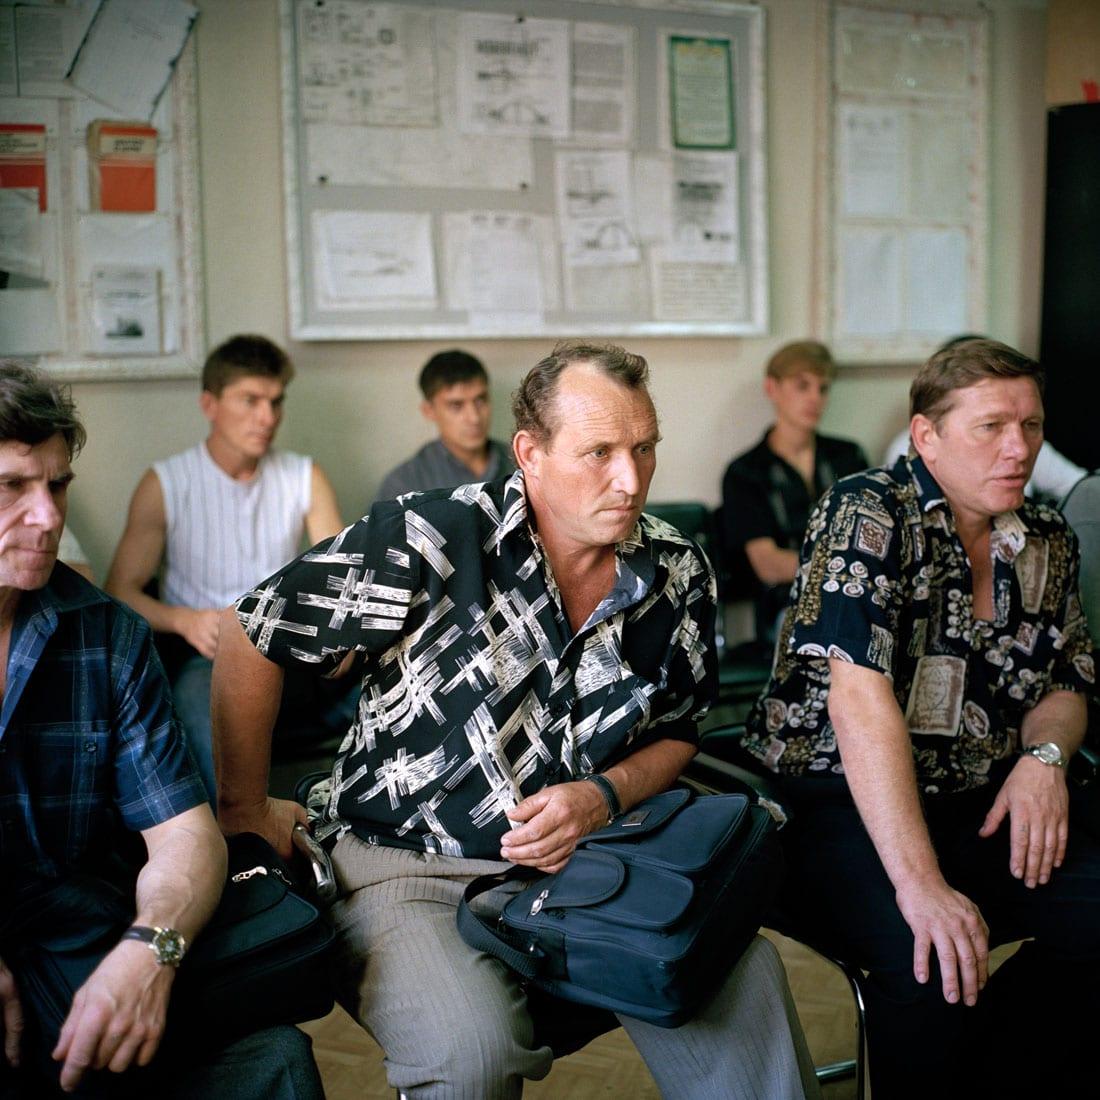 Oekraïne, Vugledar, 01-09-2006 Staats Steen kolenmijn 'Juzshno Donbasskaya Nr 1' (Zuiden van Donbass). Mijnwerkers (Koempels) krijgen bij binnenkomst van het mijngebouw een briefing over hun middagdienst. Mijnbouw, Steenkool, zwarte goud. PHOTO AND COPYRIGHT ROGER CREMERS